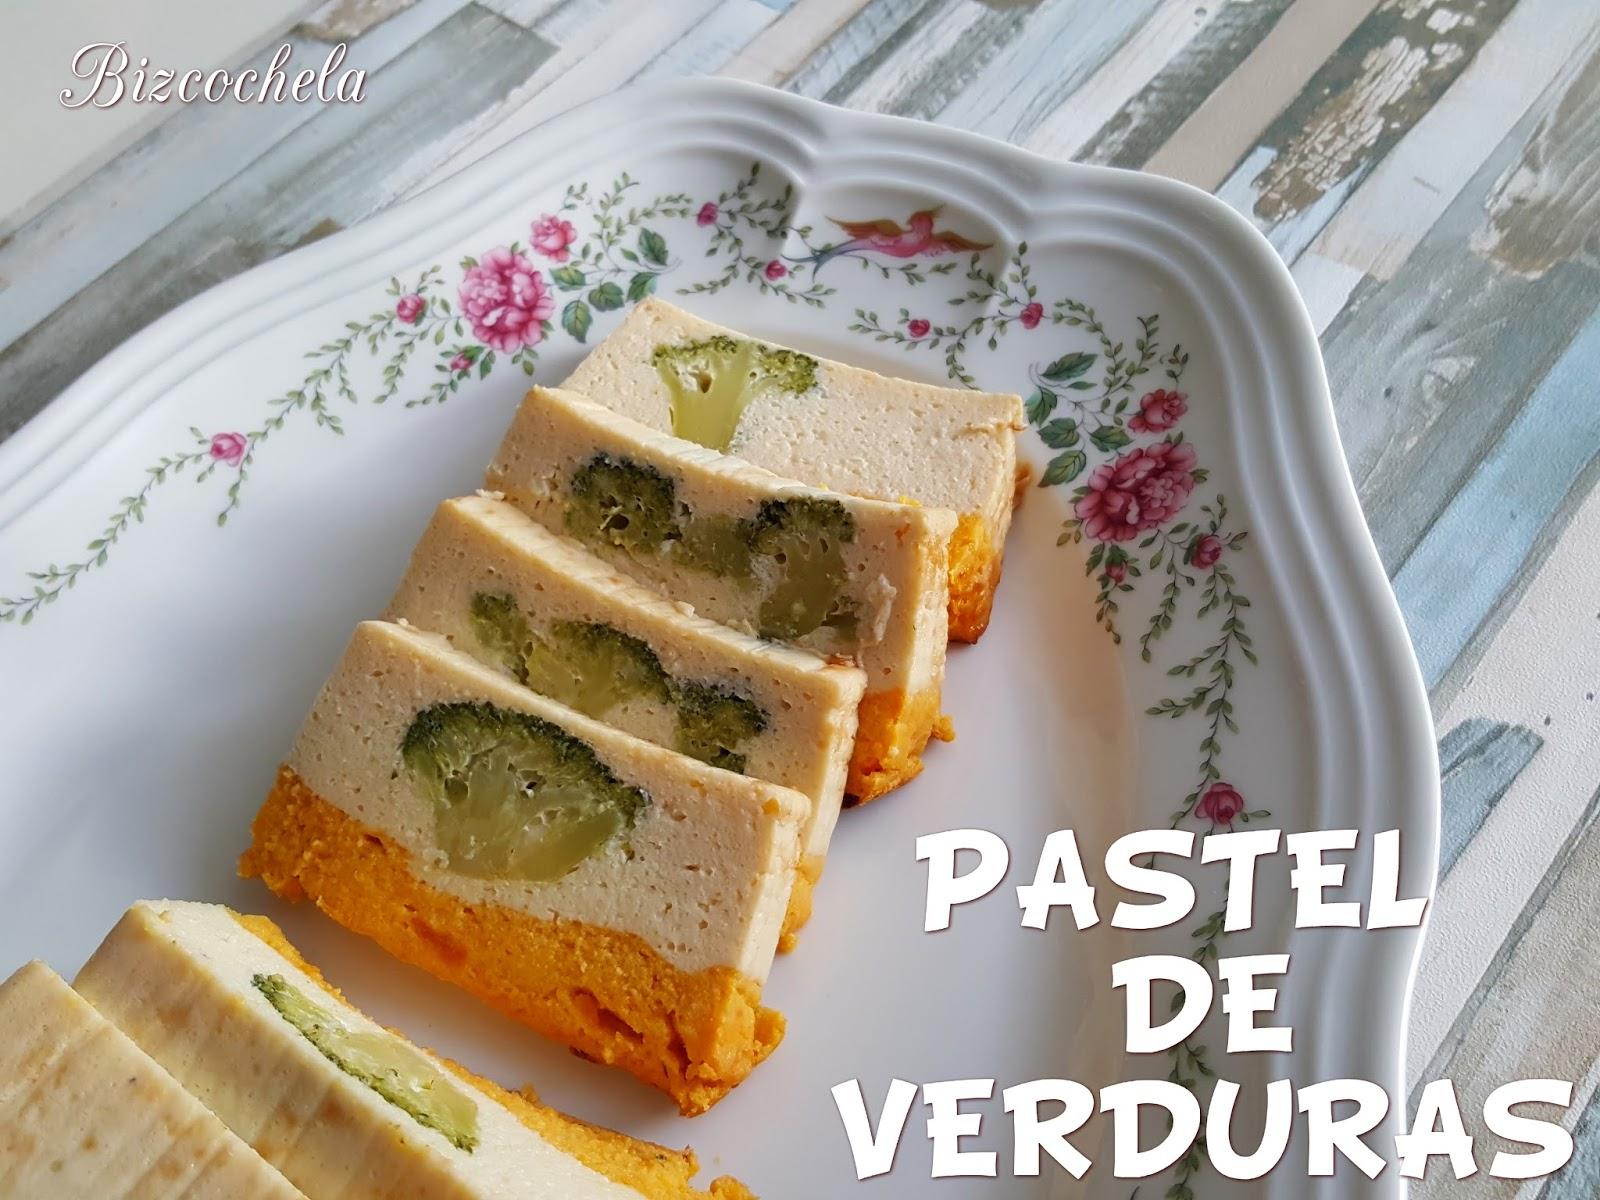 Pastel de verduras coliflor br coli y zanahoria - Cocinar verduras para dieta ...